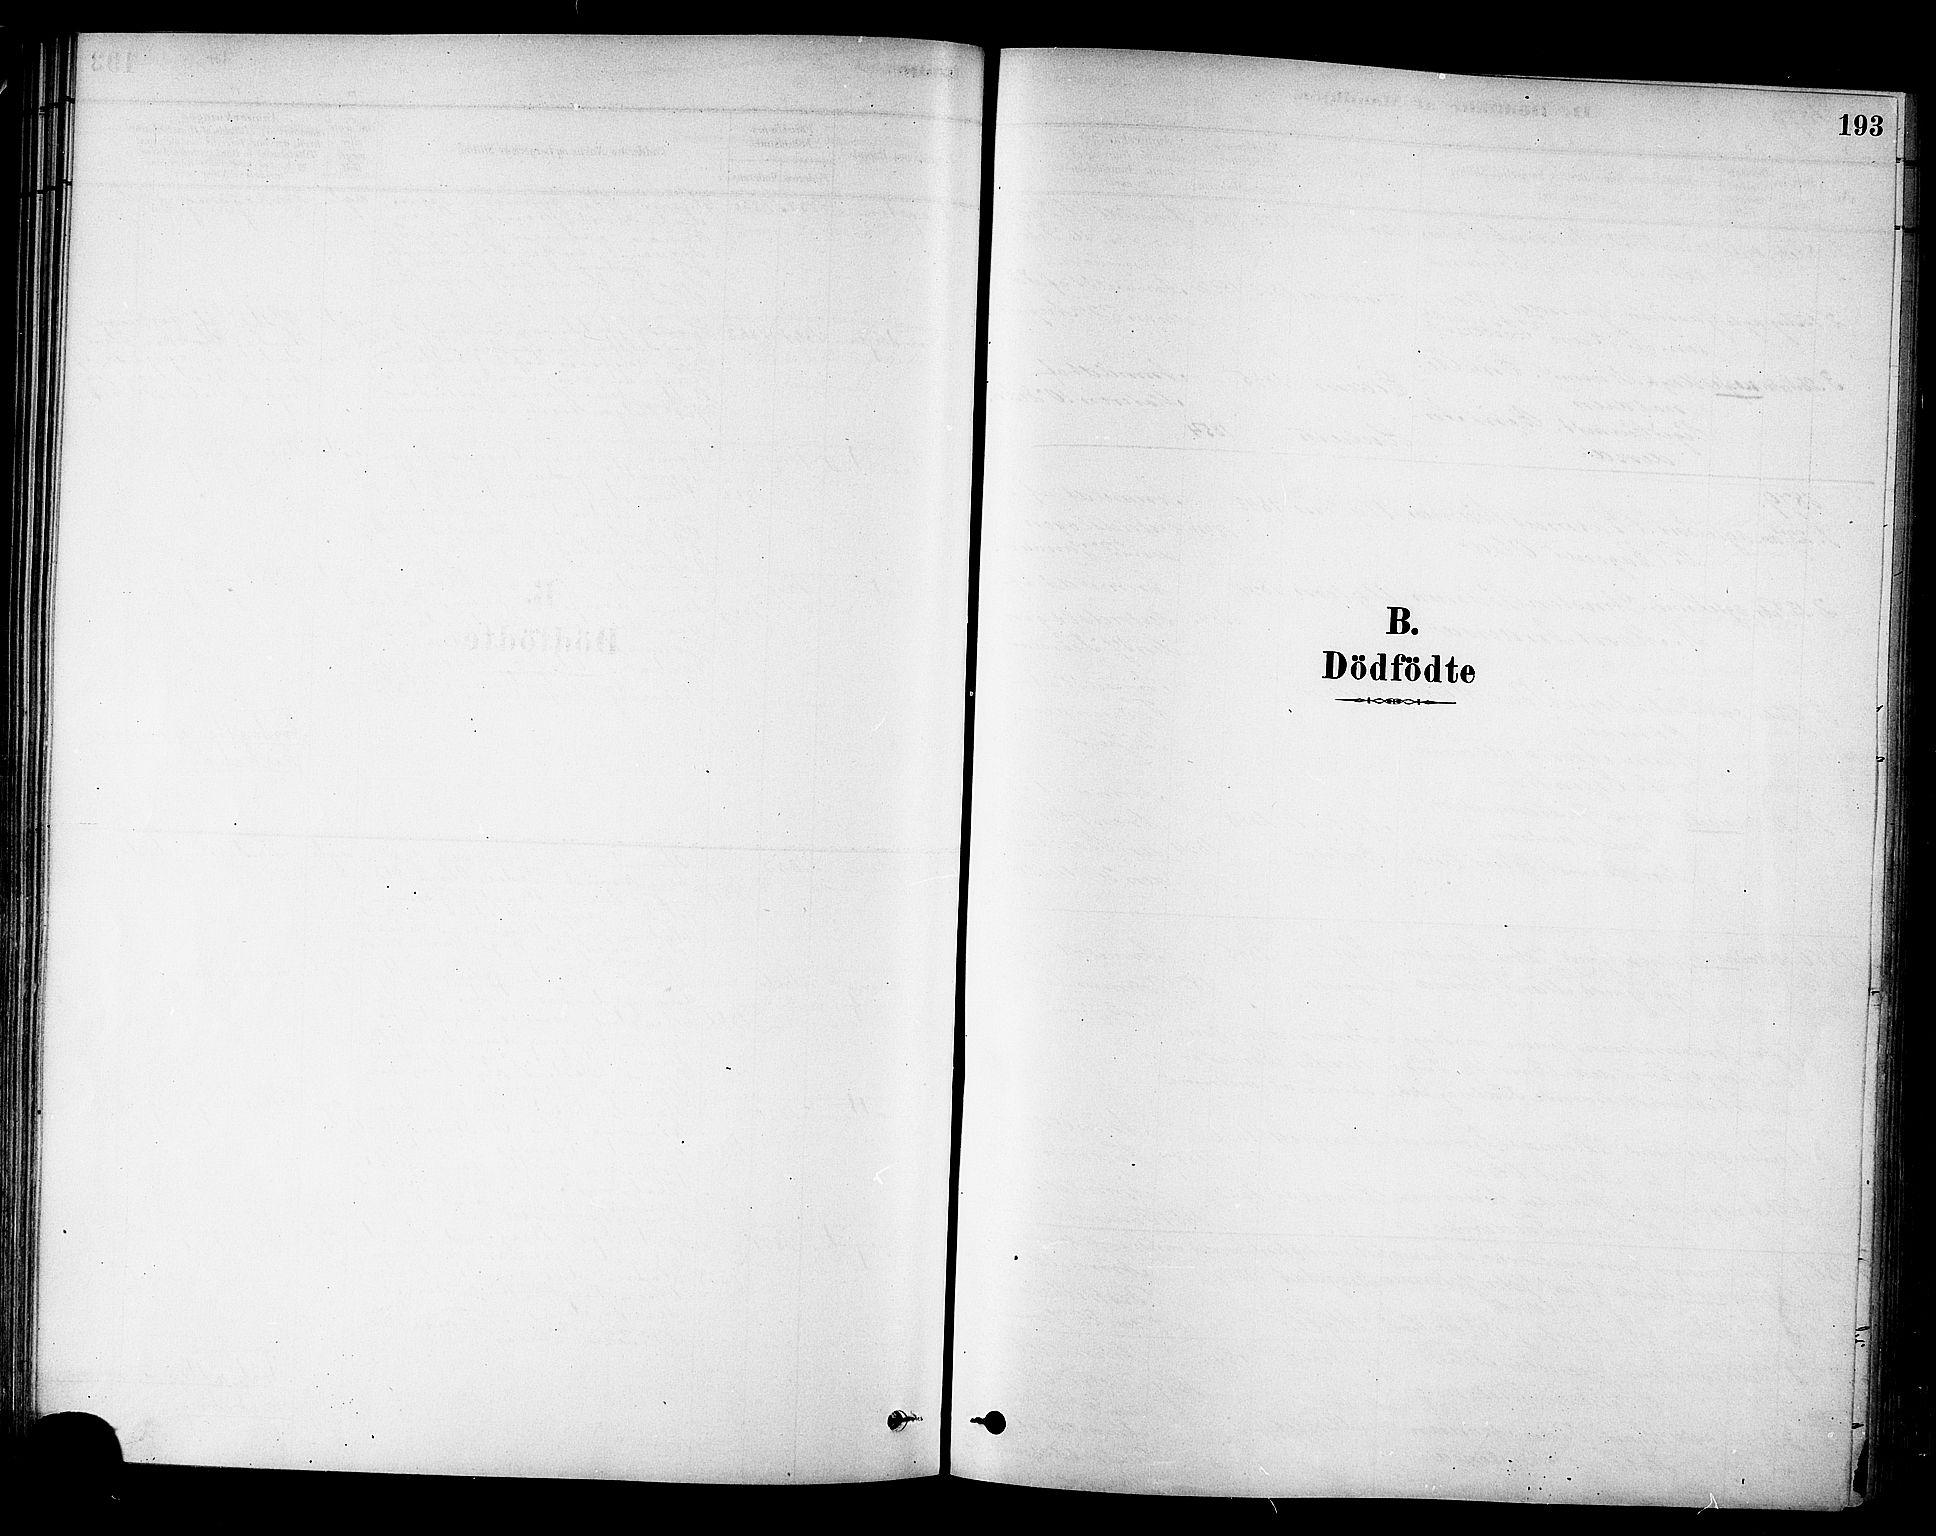 SAT, Ministerialprotokoller, klokkerbøker og fødselsregistre - Sør-Trøndelag, 695/L1148: Ministerialbok nr. 695A08, 1878-1891, s. 193